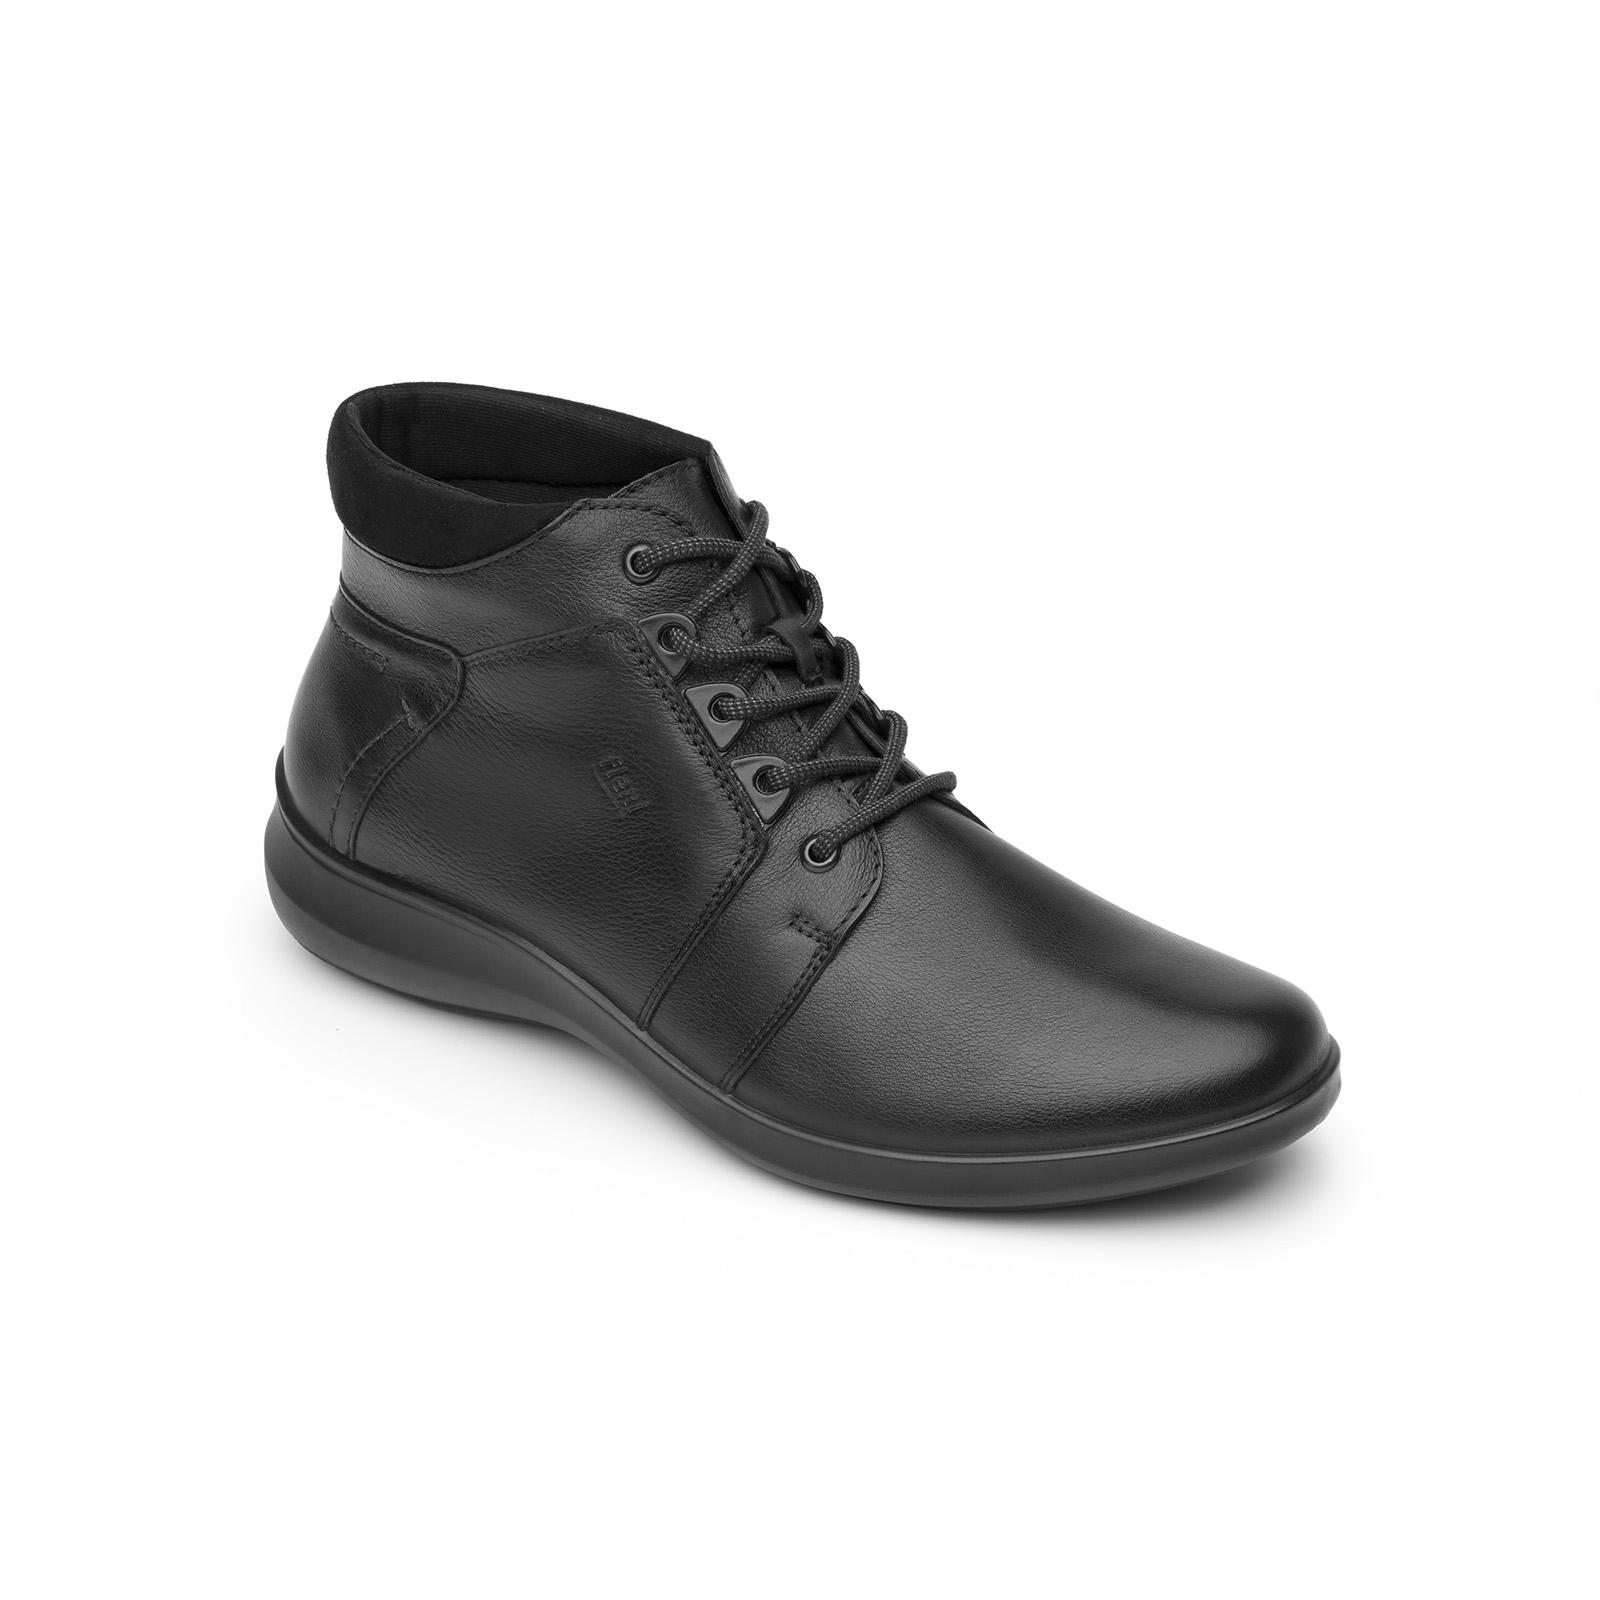 36e5932b07 Botas para Dama Flexi al mejor precio - Zapatos Flexi México